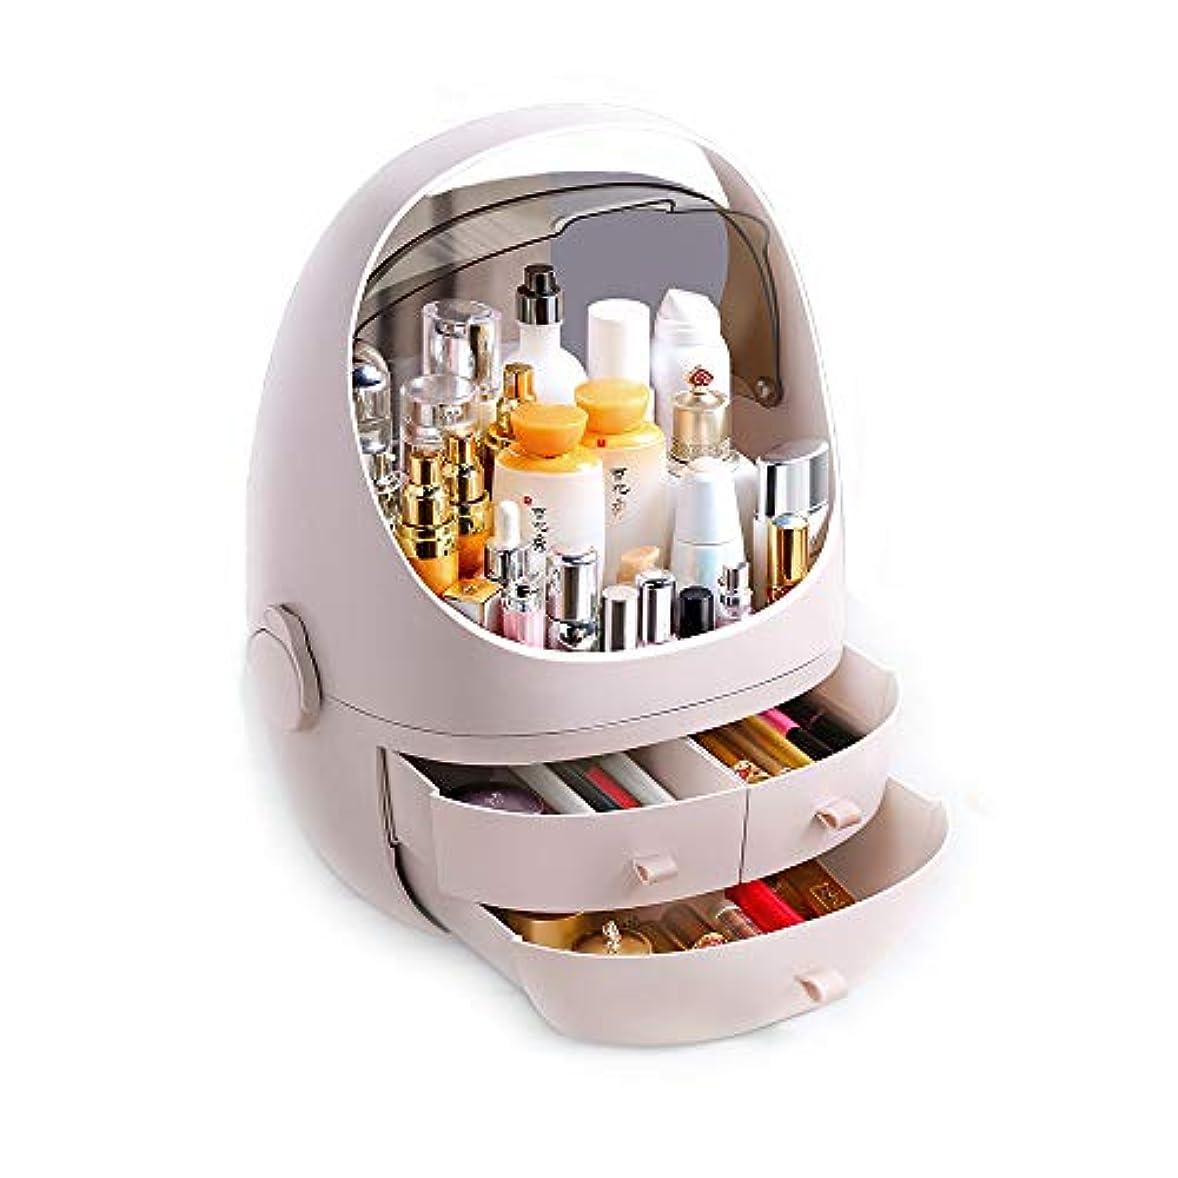 とは異なりインレイ認可メイクボックス 化粧品収納ボックス 透明化粧品ケース メイクケース コスメボックス 大容量 防塵 防水 蓋付き 引き出し式 (ピンク)